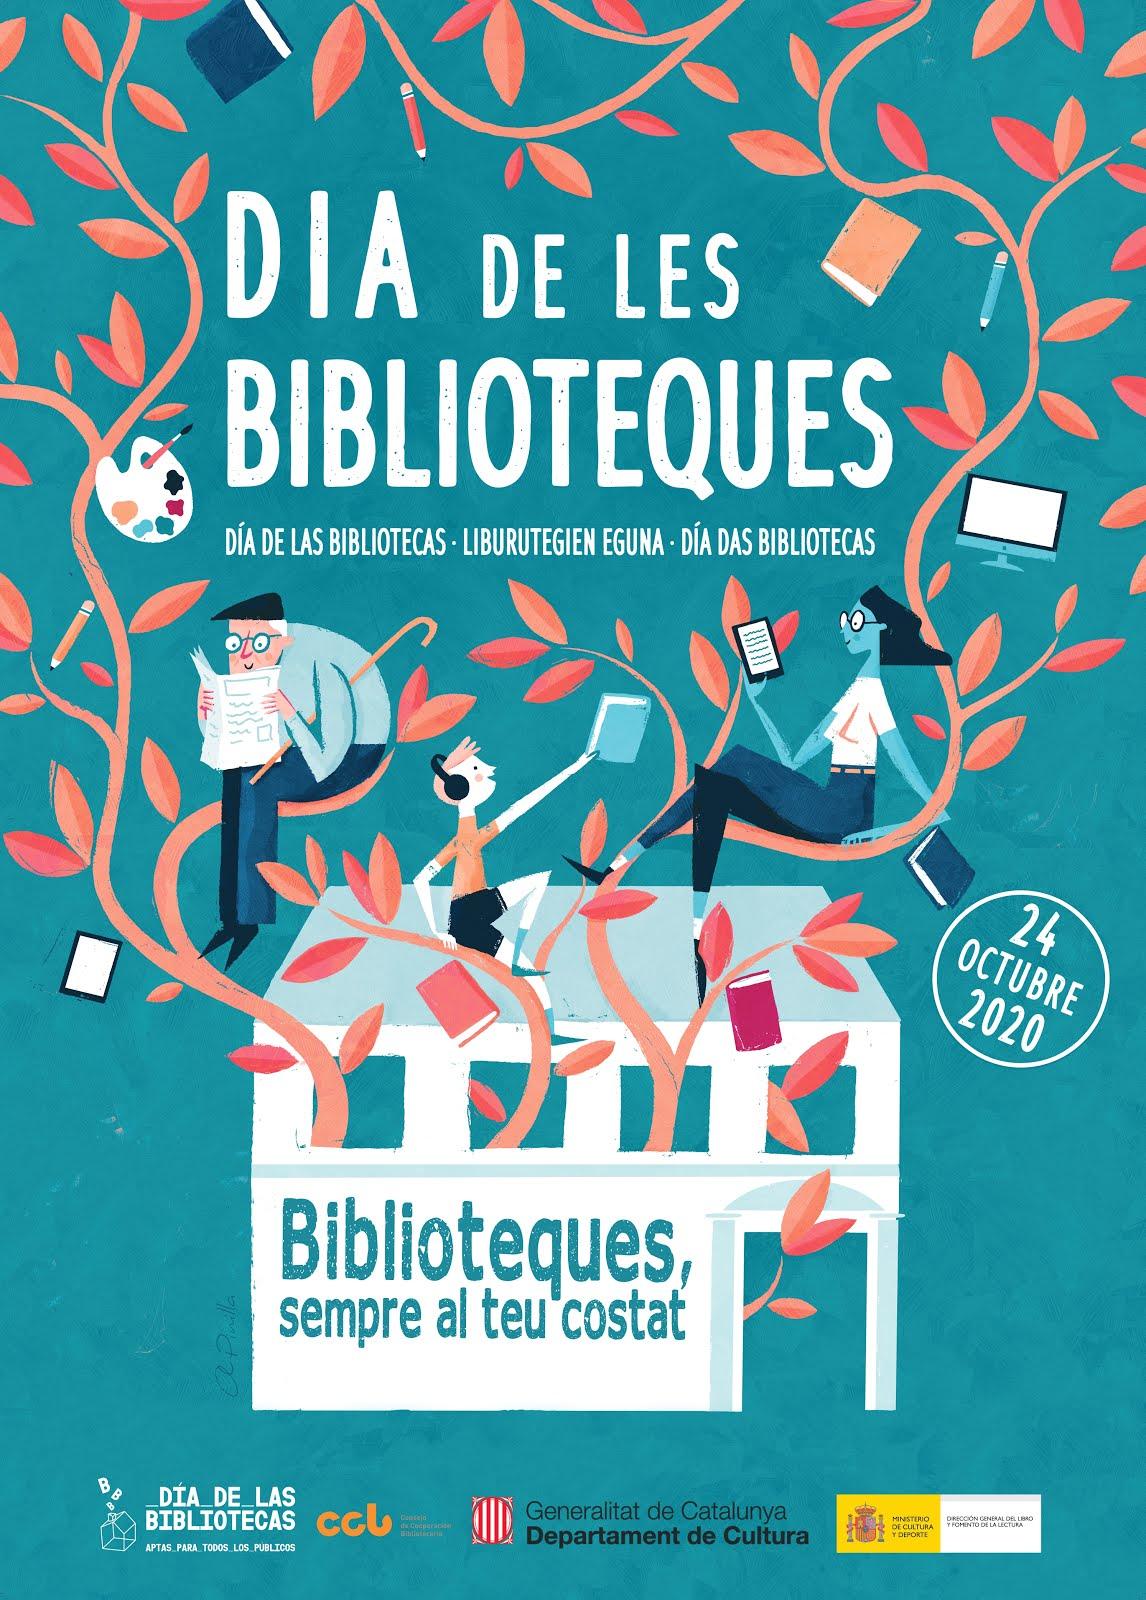 Dia de les Biblioteques 24/10/2020